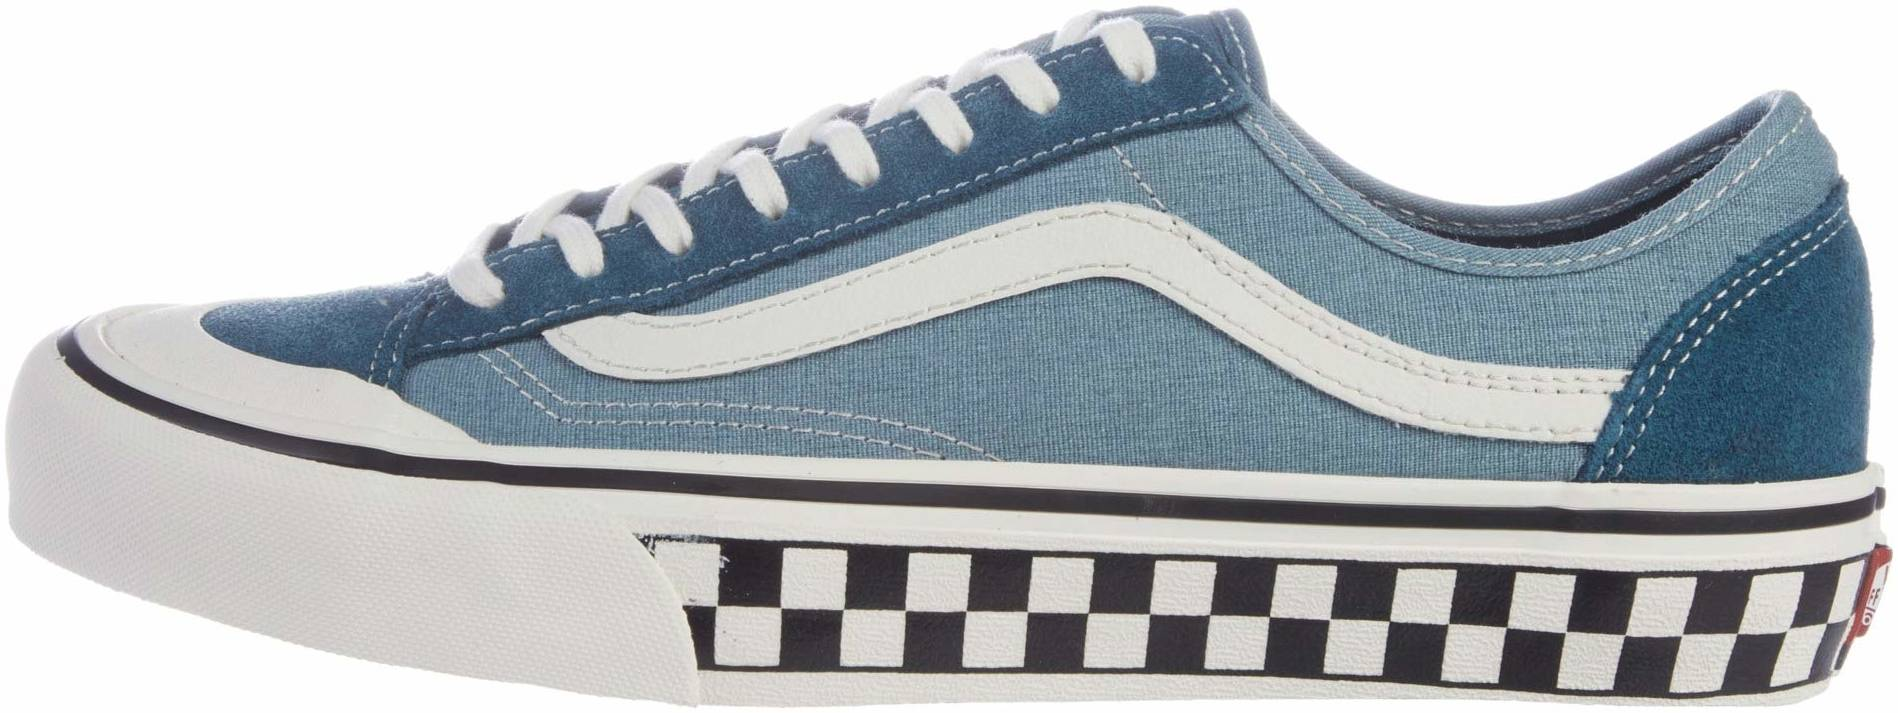 Vans Style 36 Decon SF sneakers in grey | RunRepeat